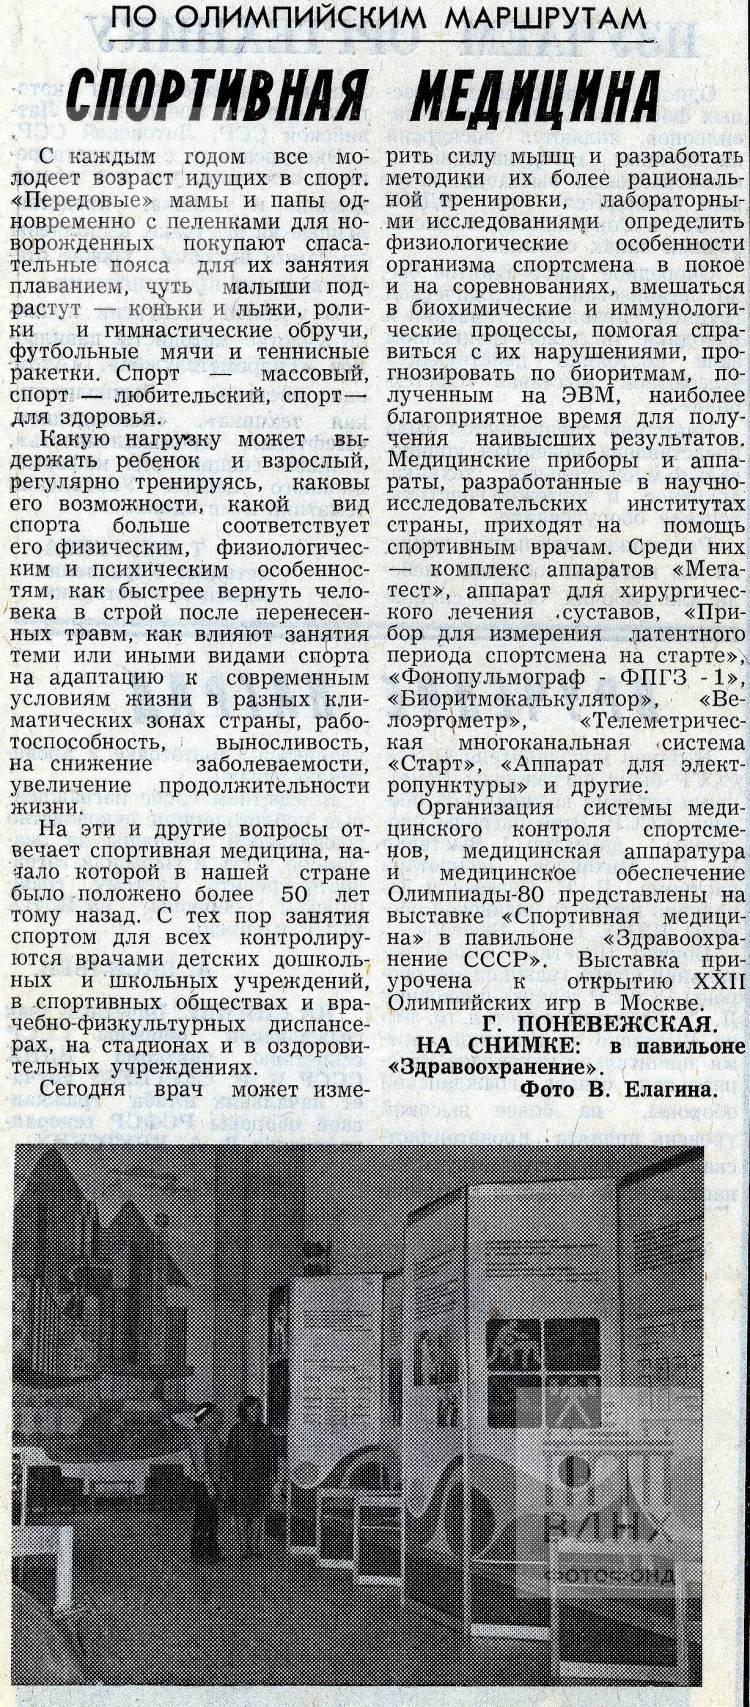 За передовой опыт. 1980, №53